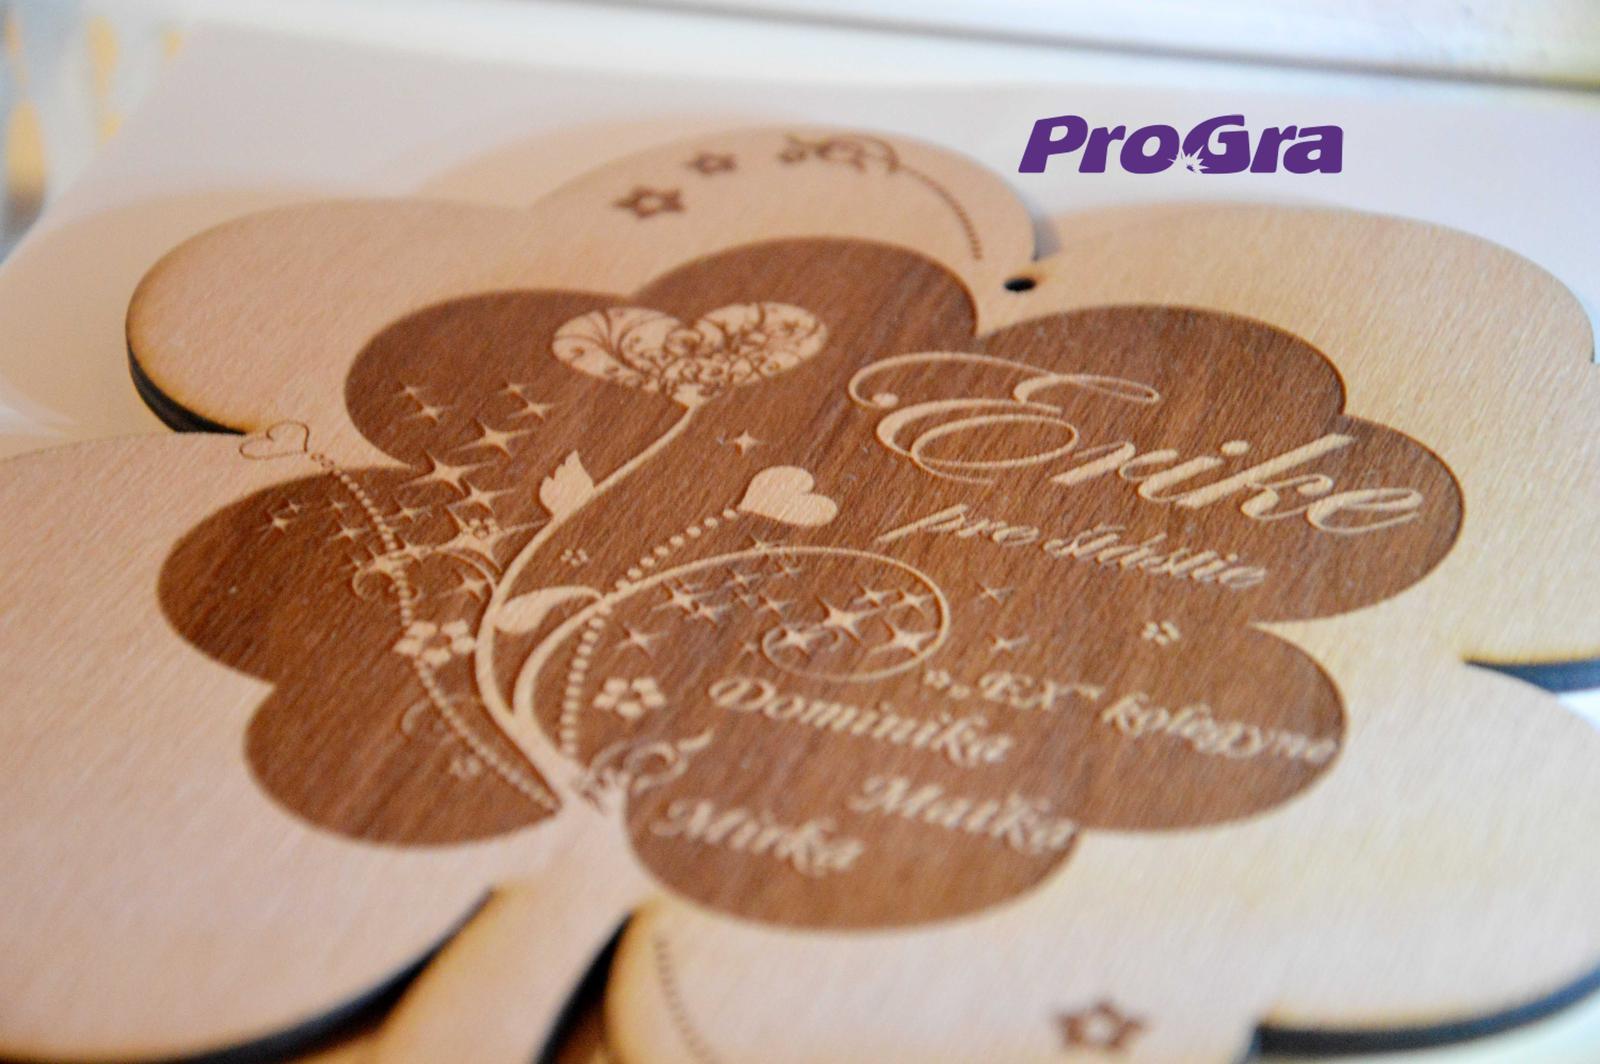 Po svadbičke - štvorlístok pre šťastie - gravírovanie personalizujeme